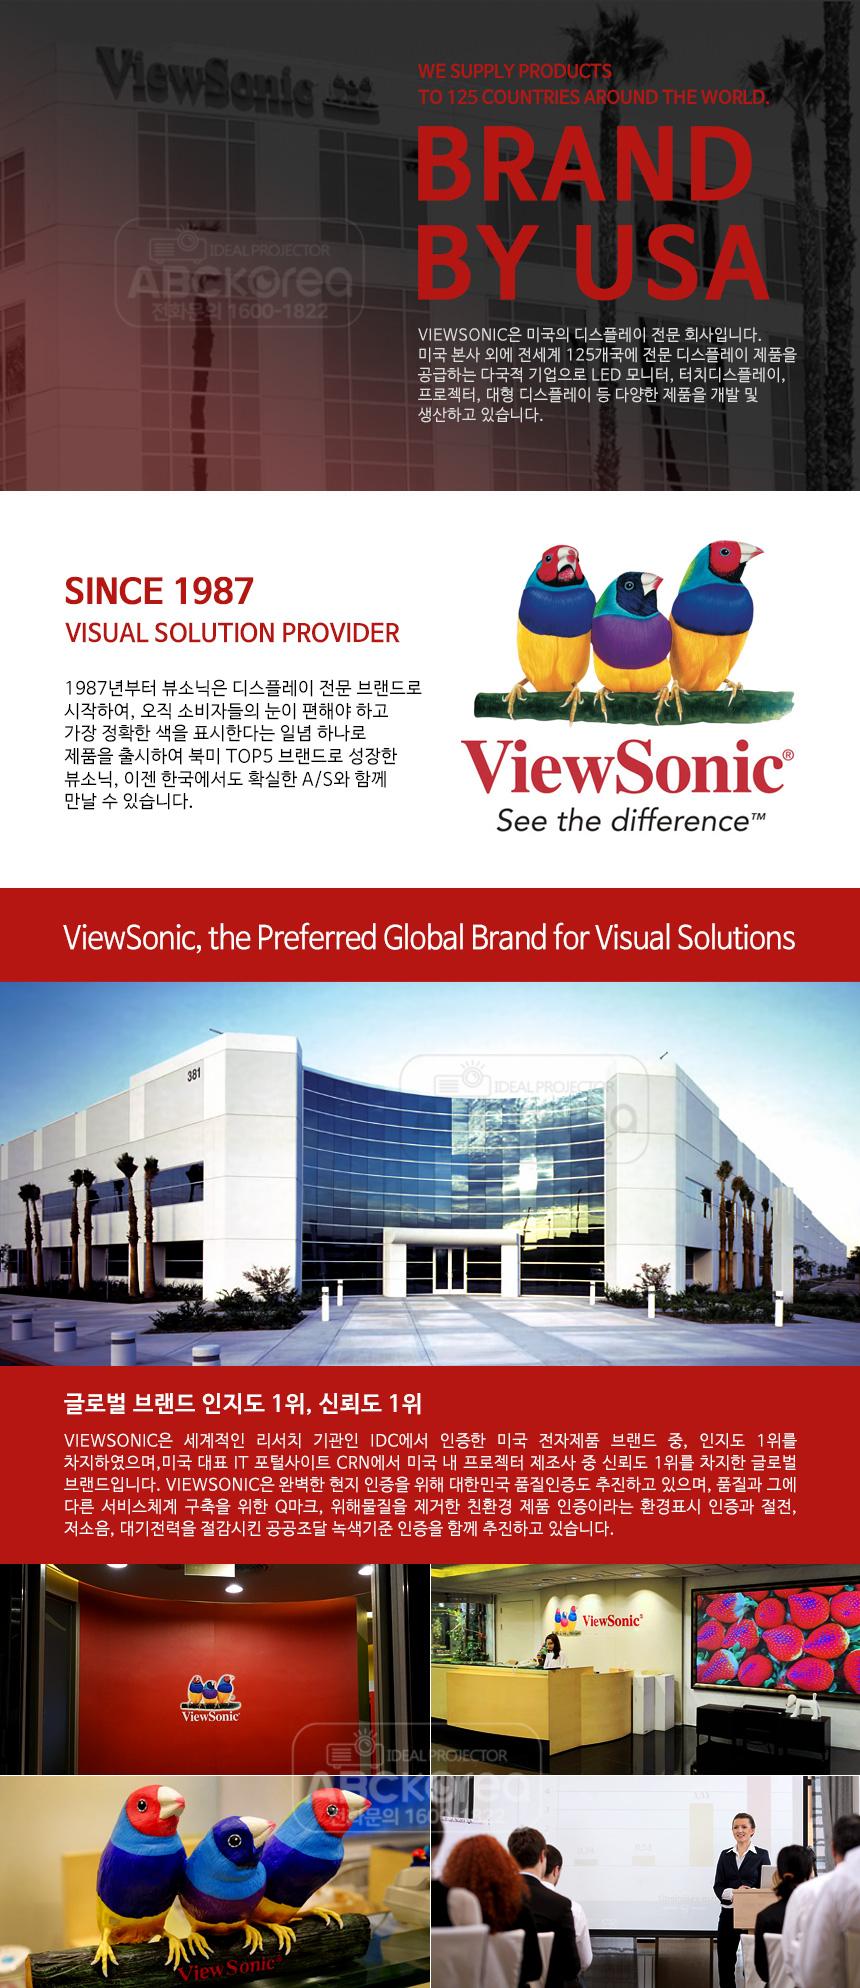 뷰소닉 PX727-4K 홈시어터전용 빔프로젝트 프로젝터 설치전문 /ABC - ABC코리아, 1,599,000원, 프로젝터/스크린, 프로젝터